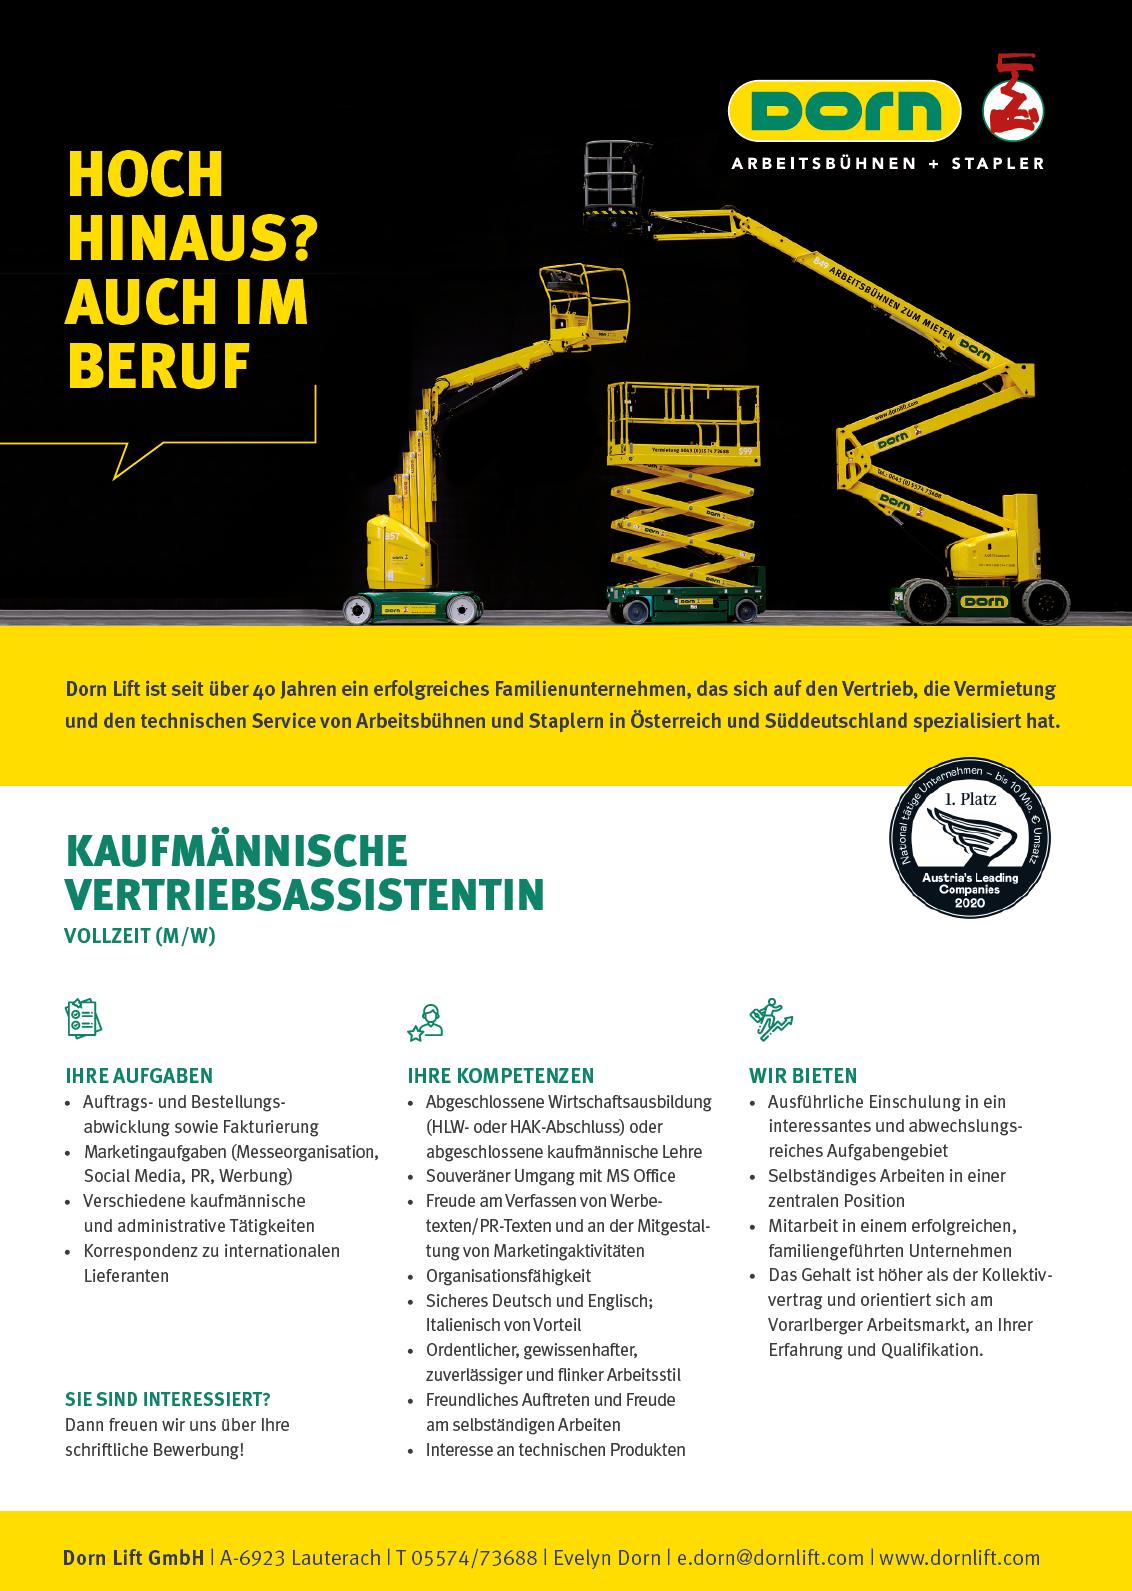 Dorn Lif Arbeitsbühnen - Kaufmännische Vertriebsassistentin-job-stellenangebot